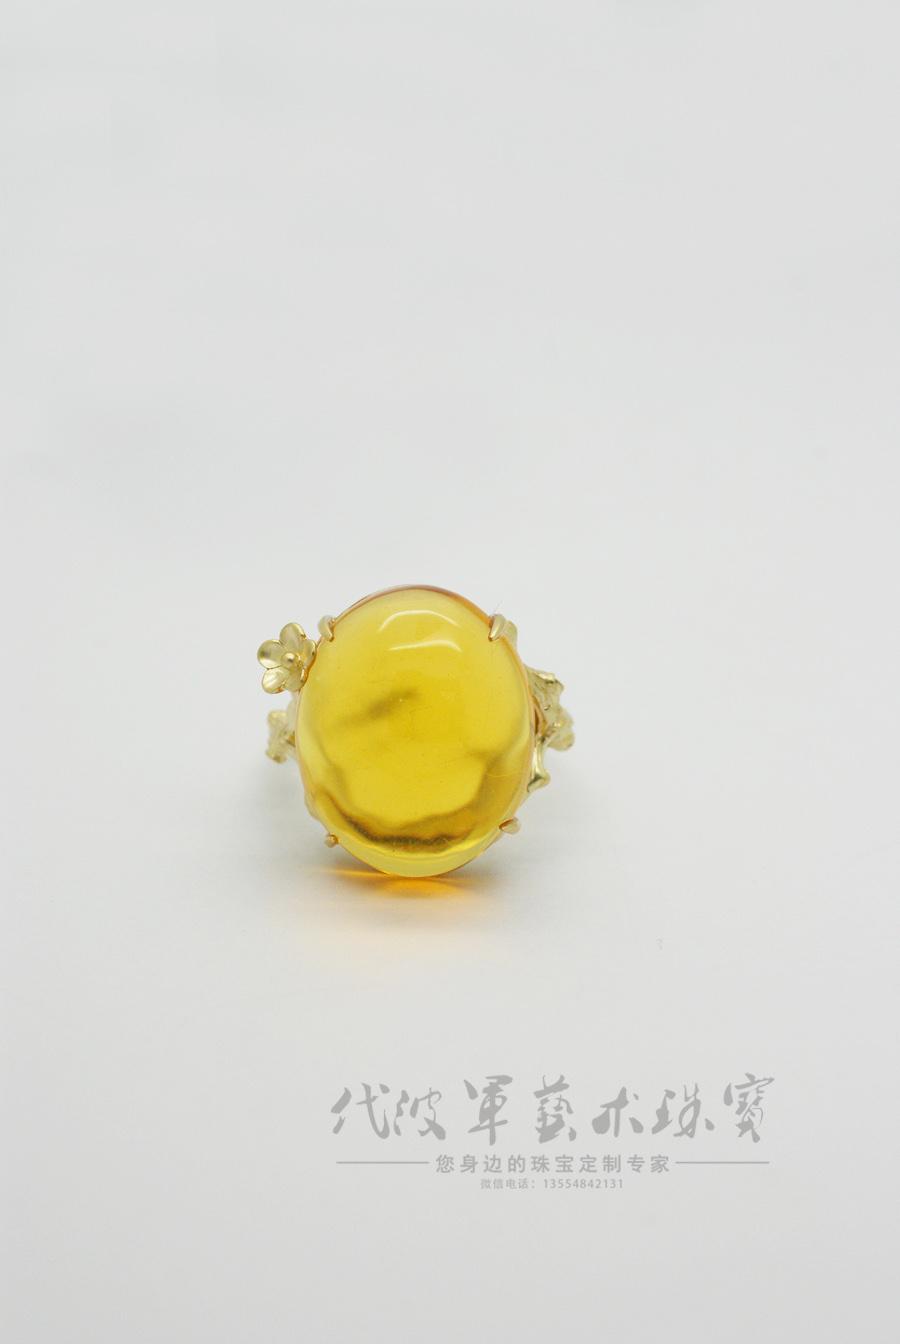 查看《代波军艺术珠宝定制-----蜜蜡就像黄昏的后花园》原图,原图尺寸:900x1344